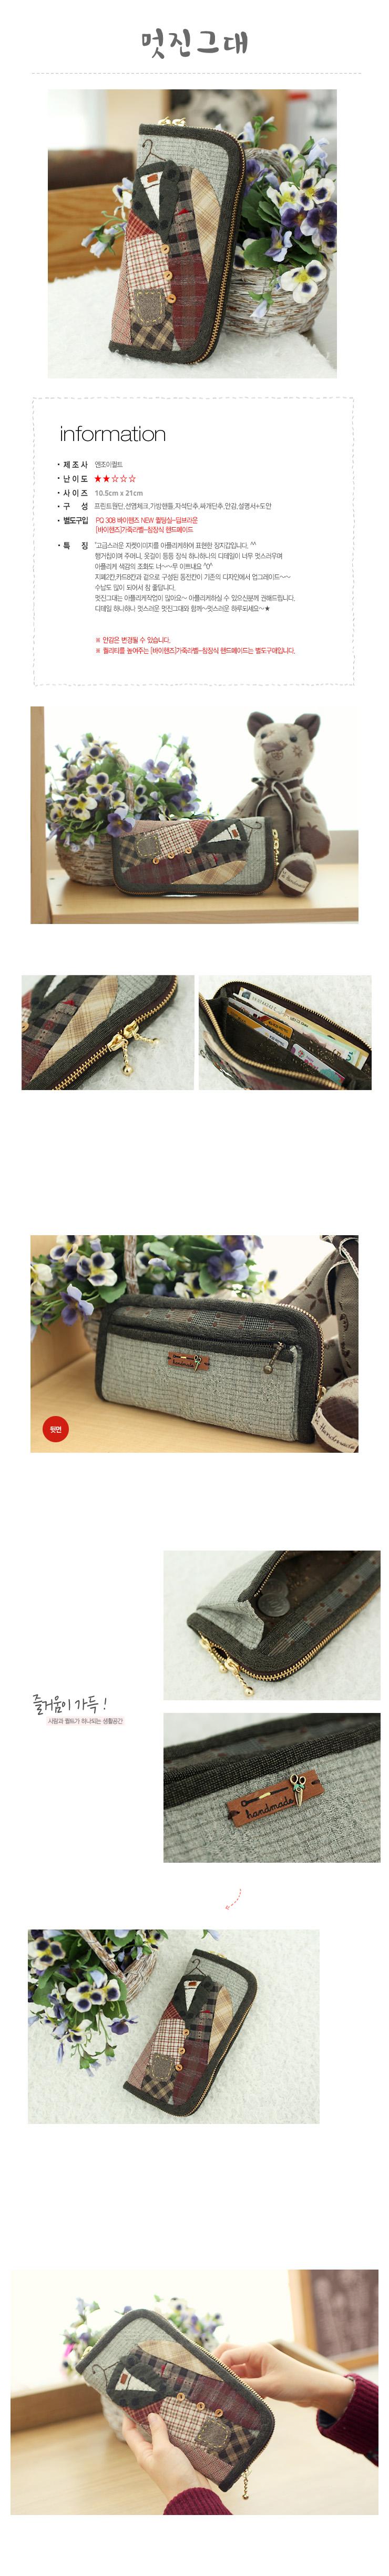 http://enjoyquilt.co.kr/goods/view.asp?p_code=Q00069445100&cate=717&menu=4